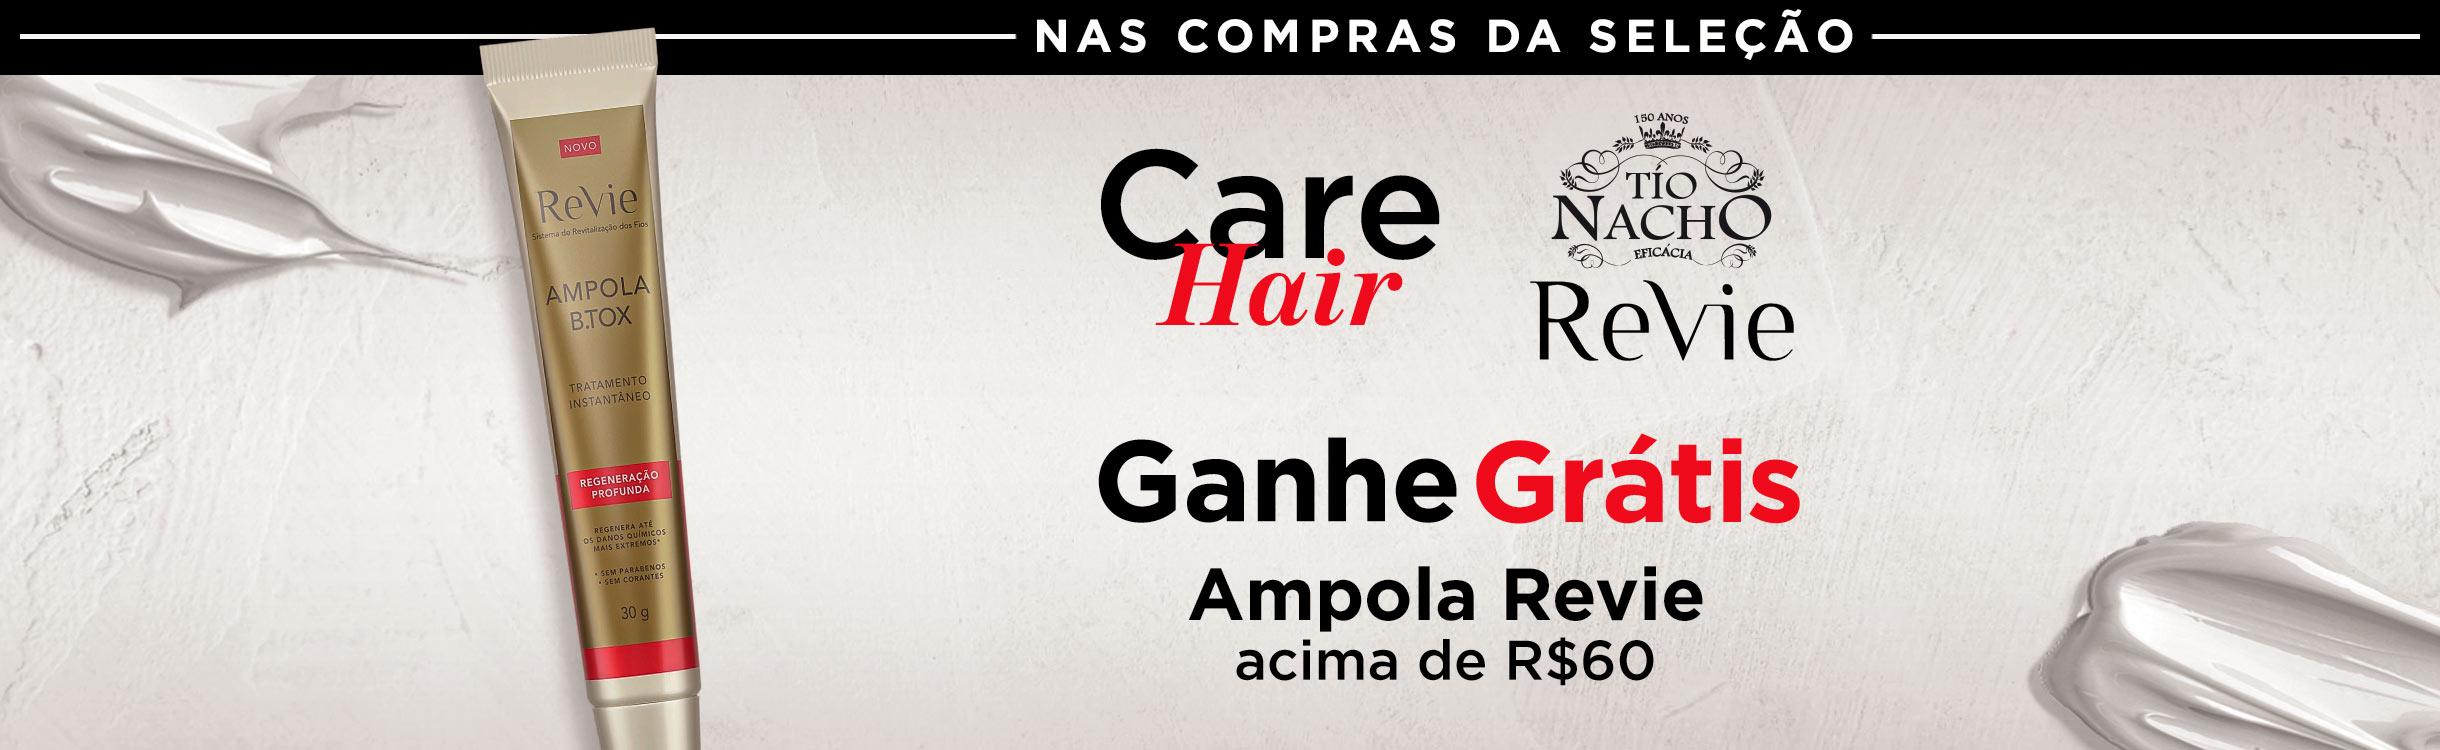 Care Hair | Tio Nacho e Revie